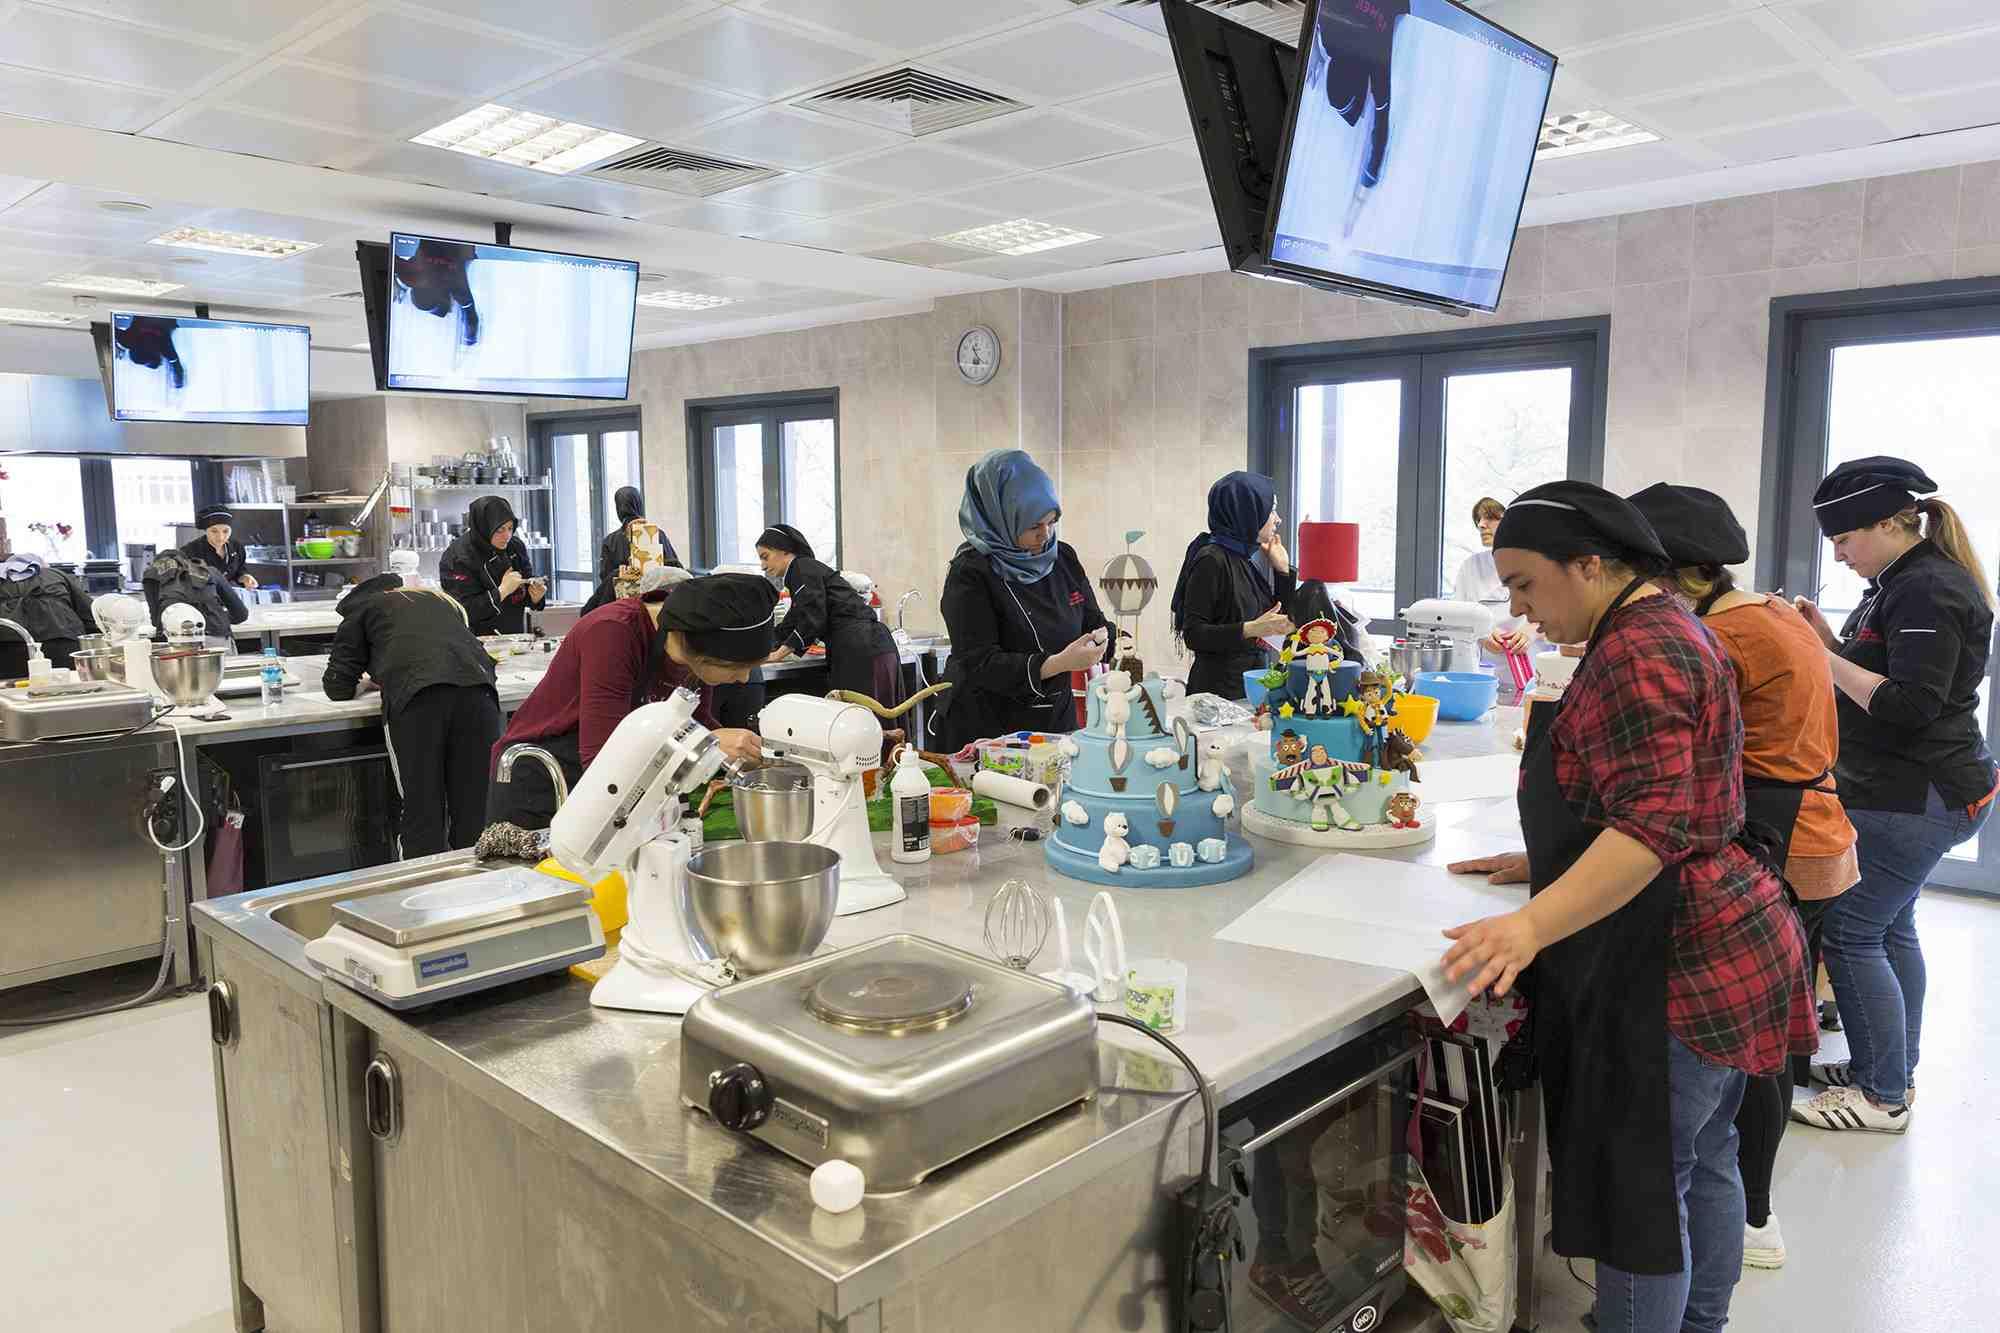 Profesyonel Pastacılık Eğitimleri/Konsept Maket Pasta Çeşitleri